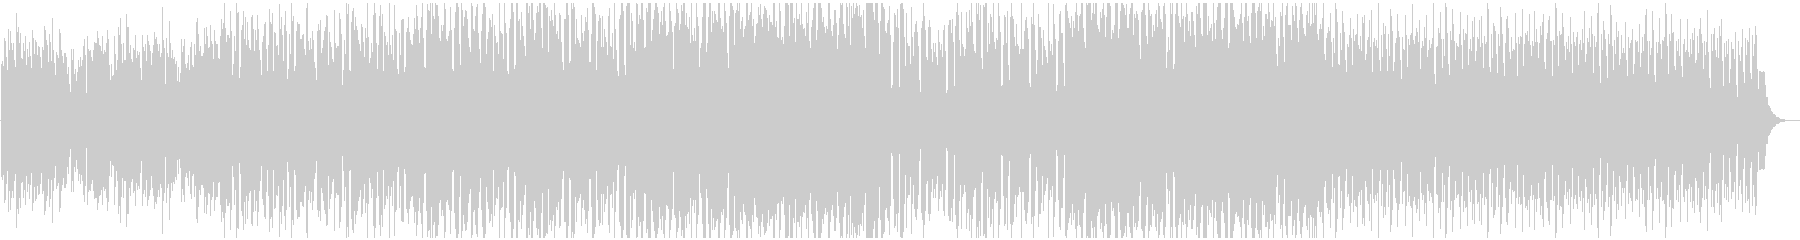 ワークアウト 王道ハウス サックスの未再生の波形